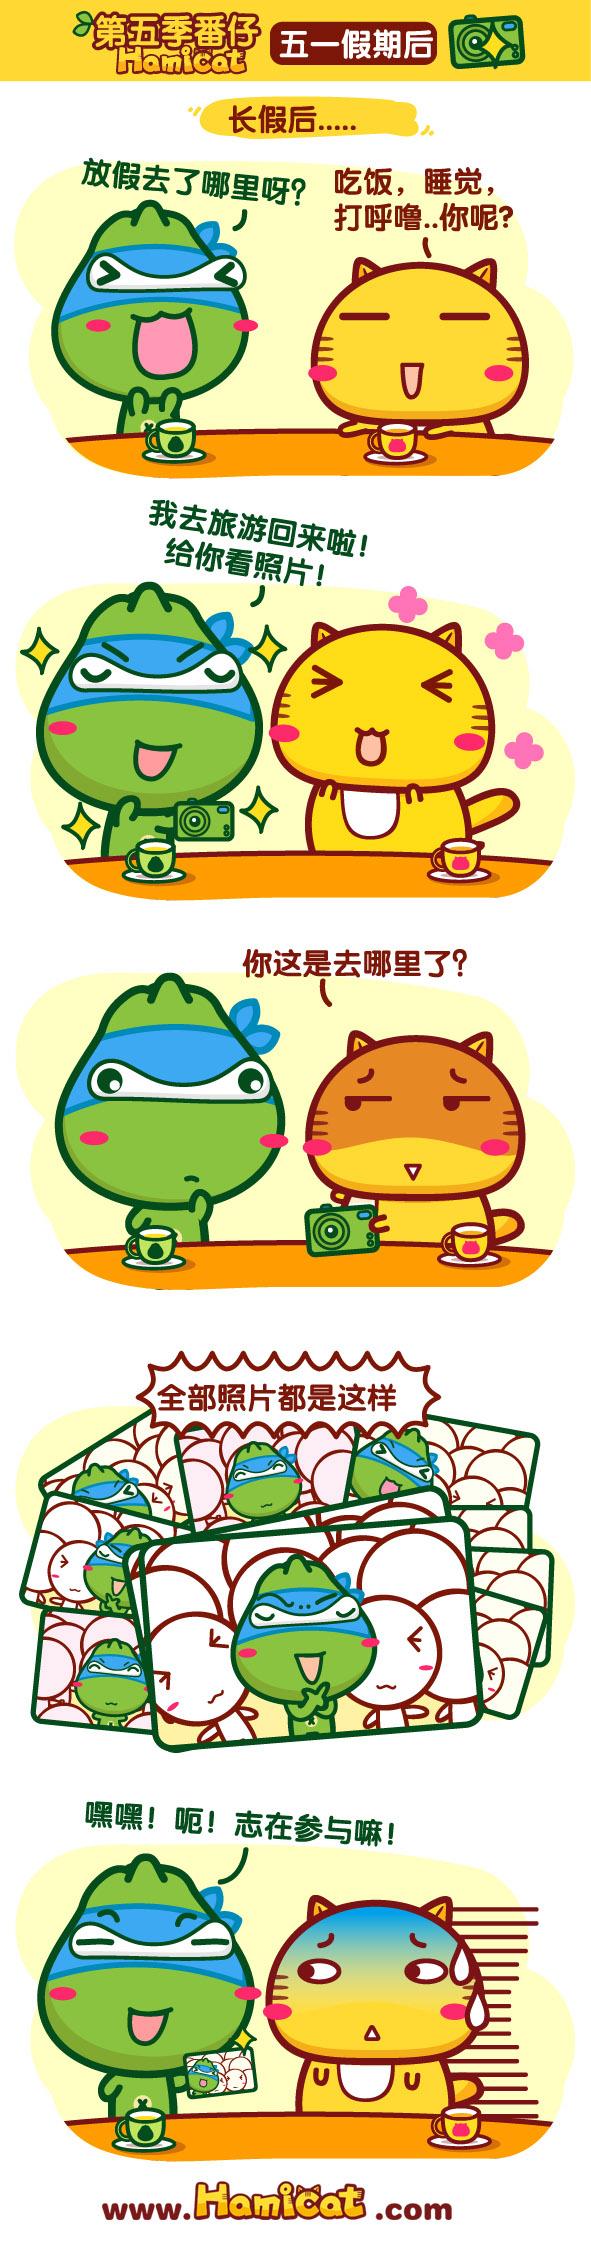 健力宝x哈咪猫漫画5月-03.jpg